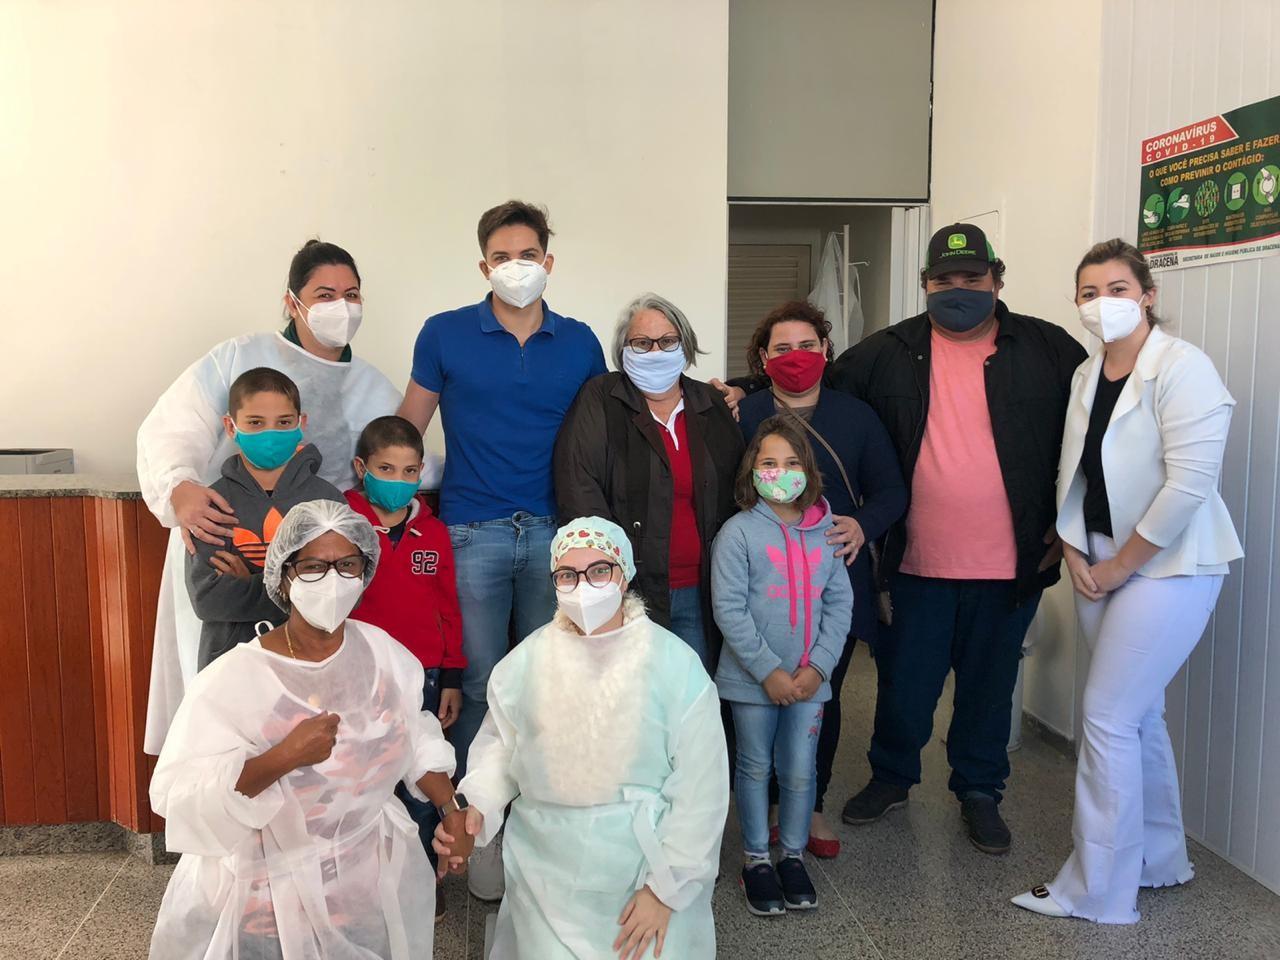 Seis pessoas da mesma família recebem alta médica após se curarem da Covid-19 em Dracena